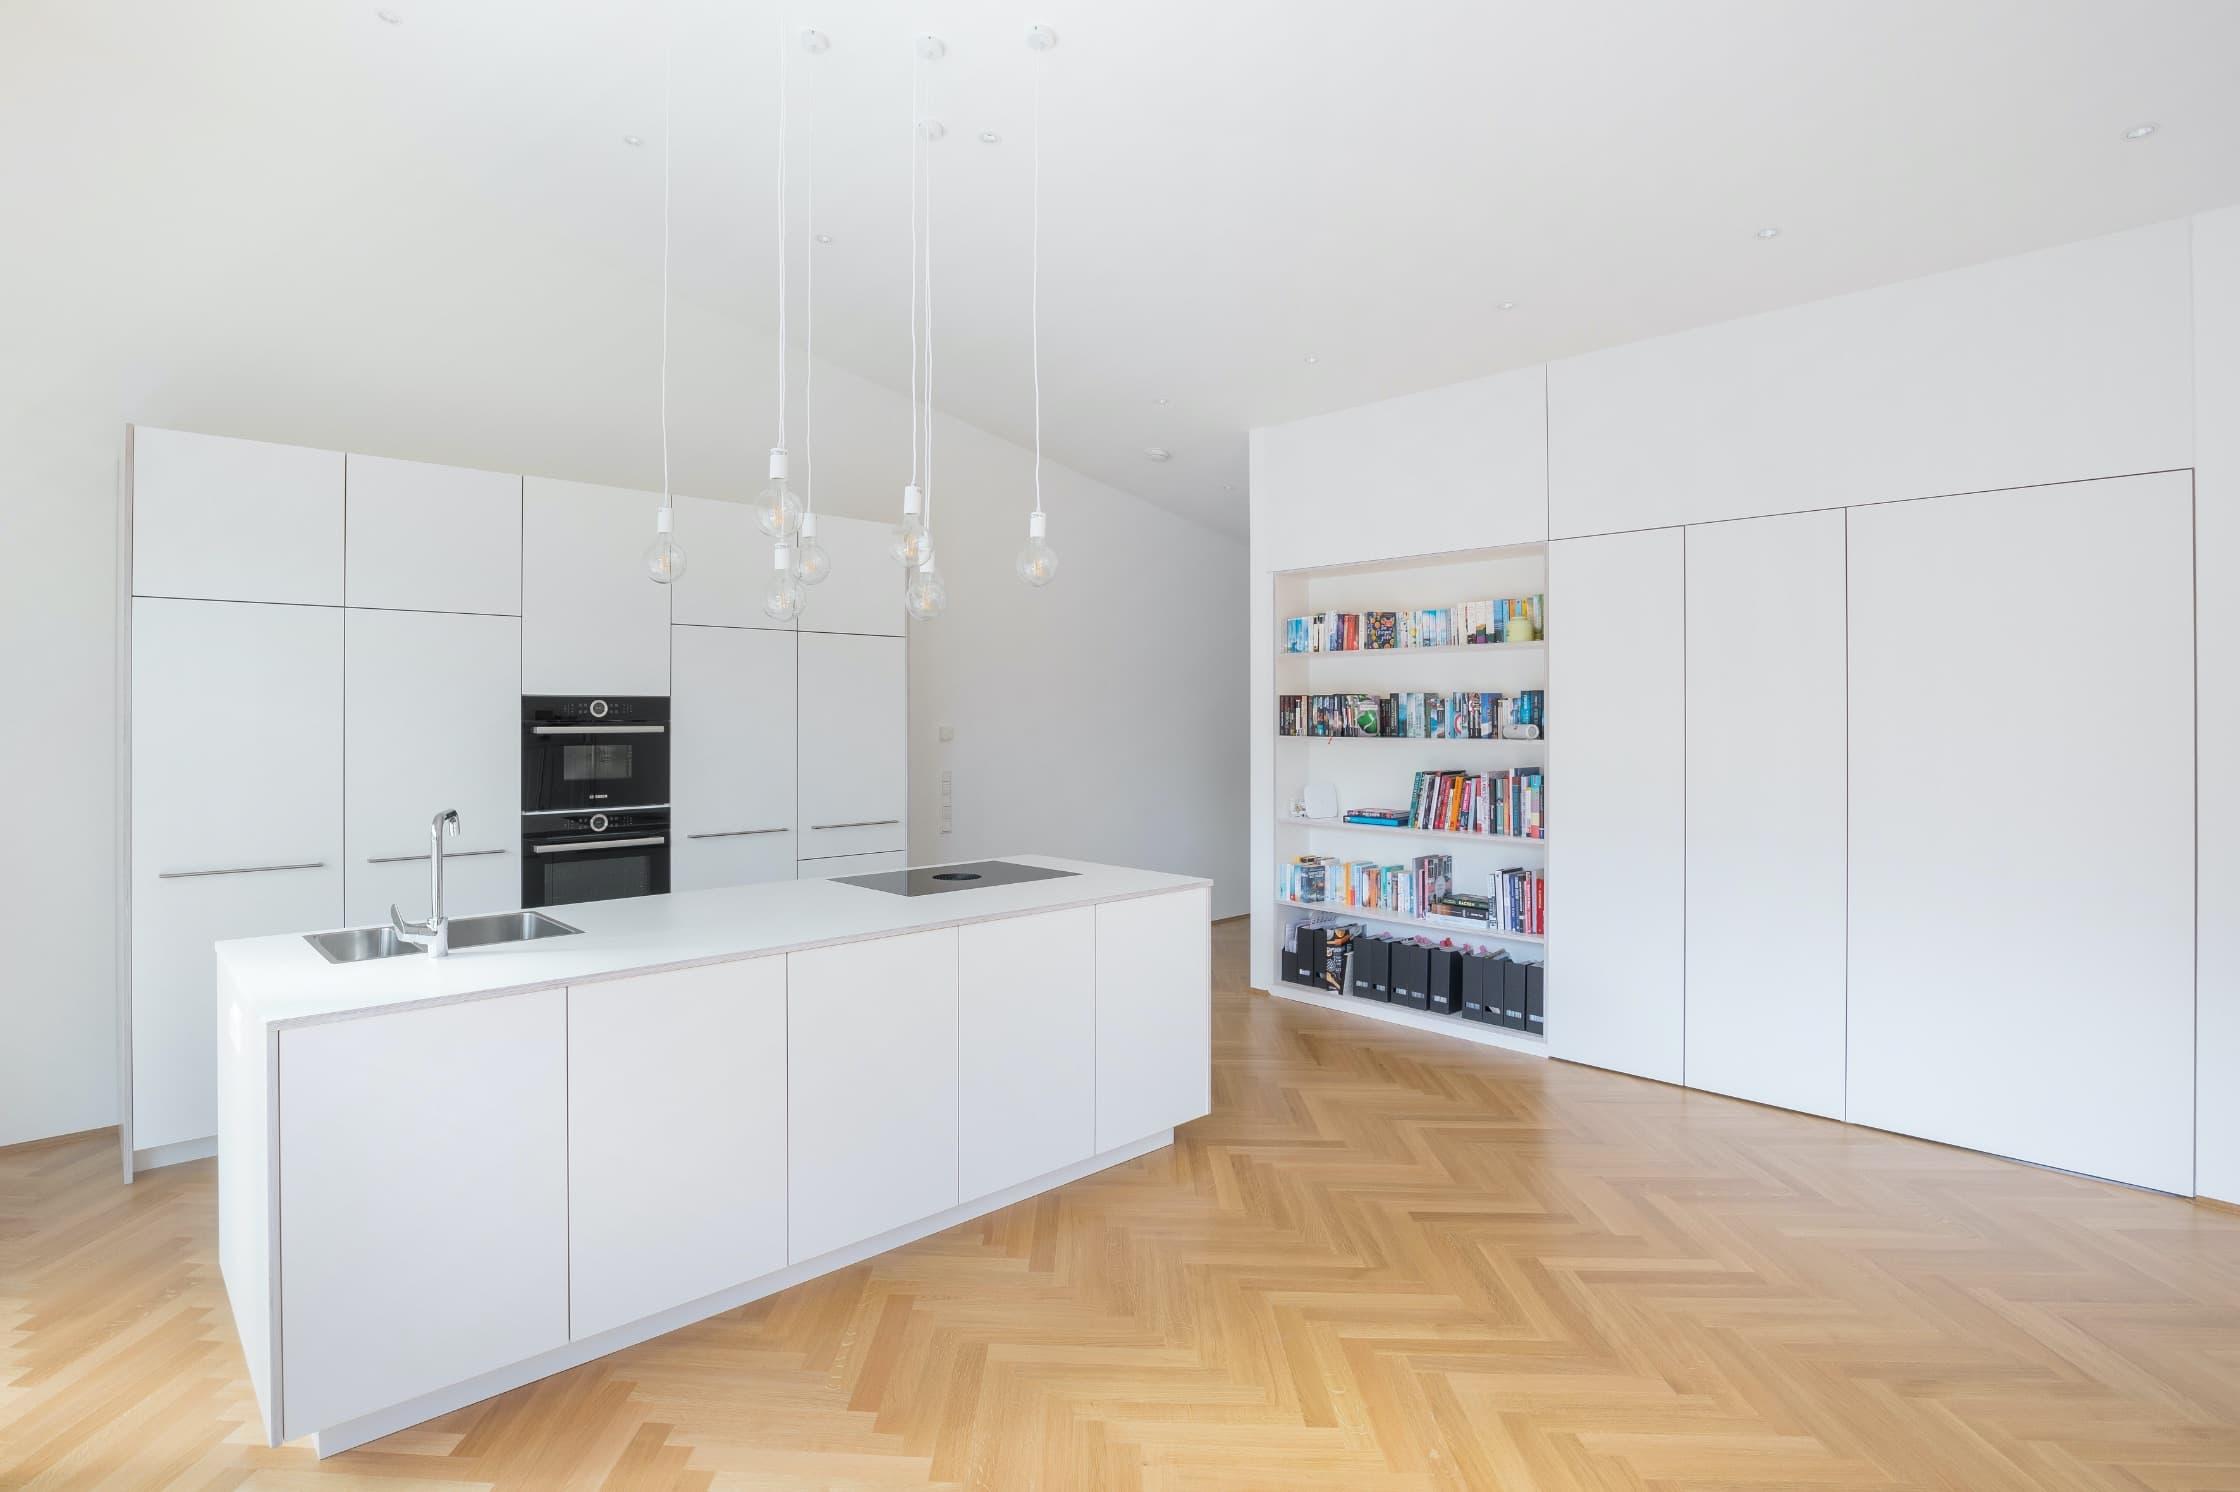 Eine offene Küche